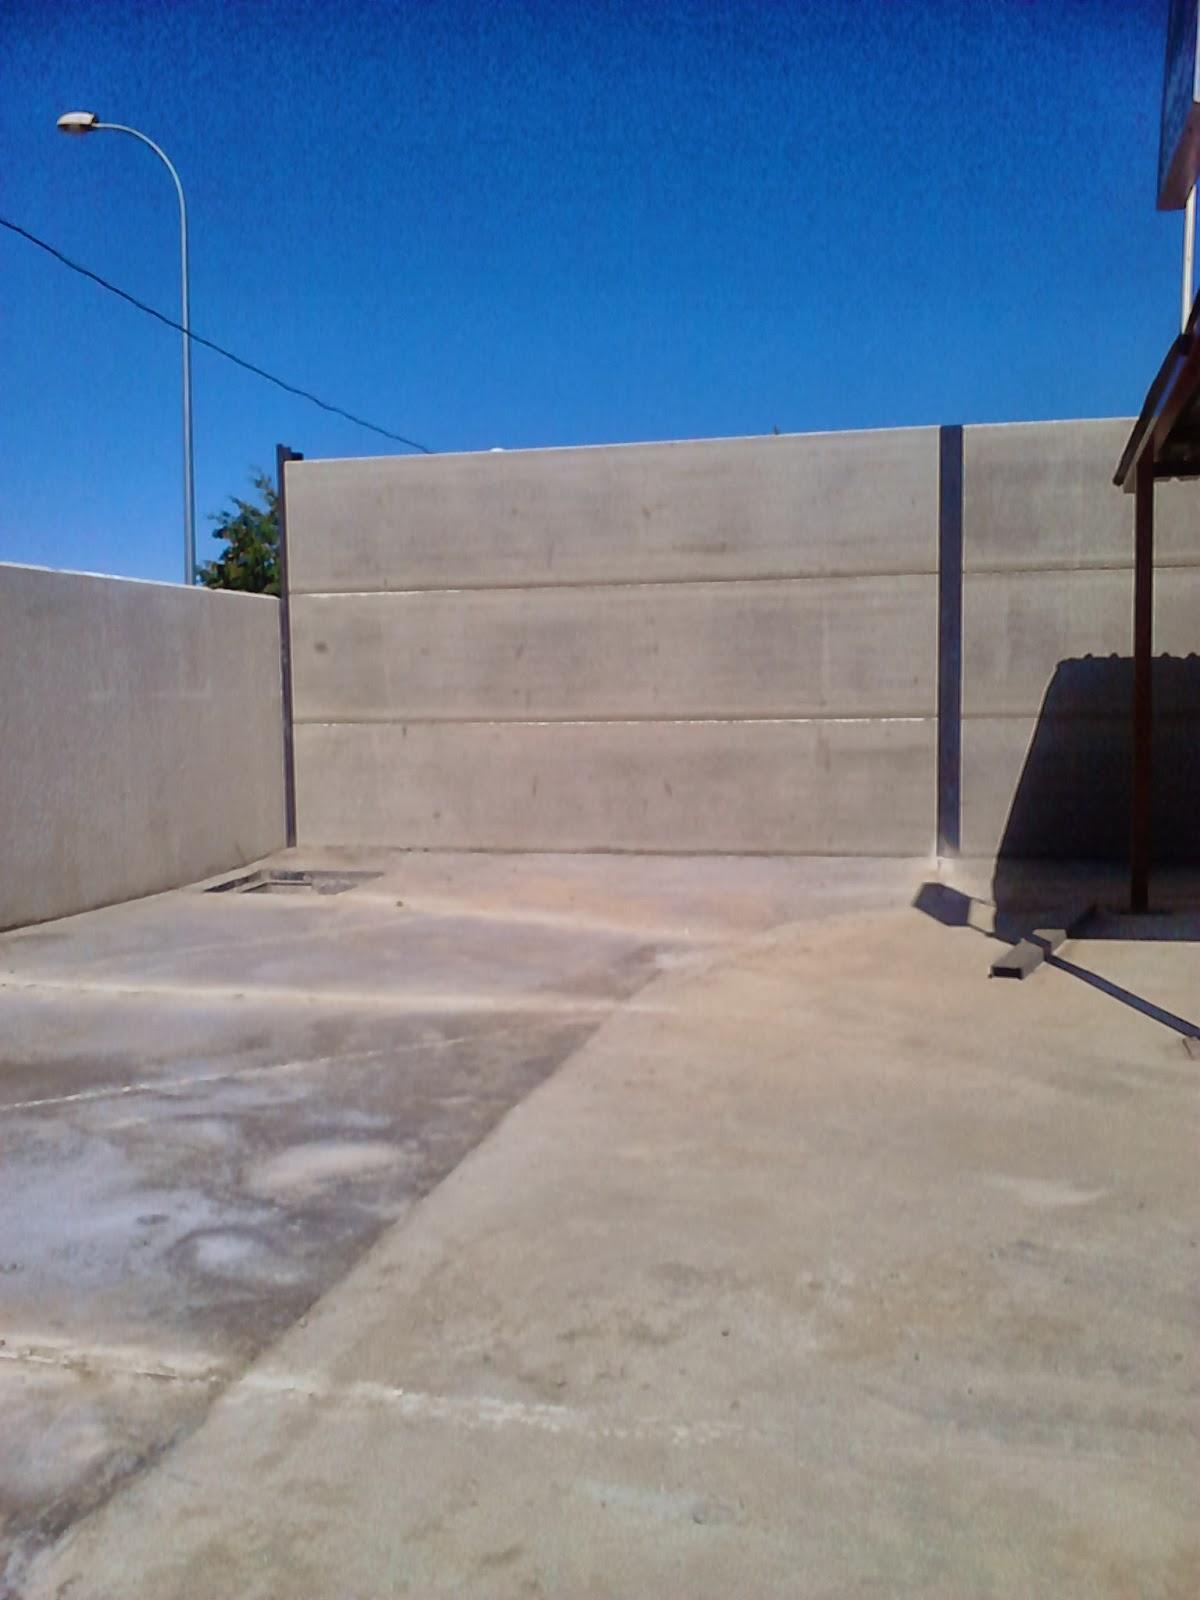 Cerramiento de una parcela muro hecho con piedra alveolar - Cerramientos de piedra ...